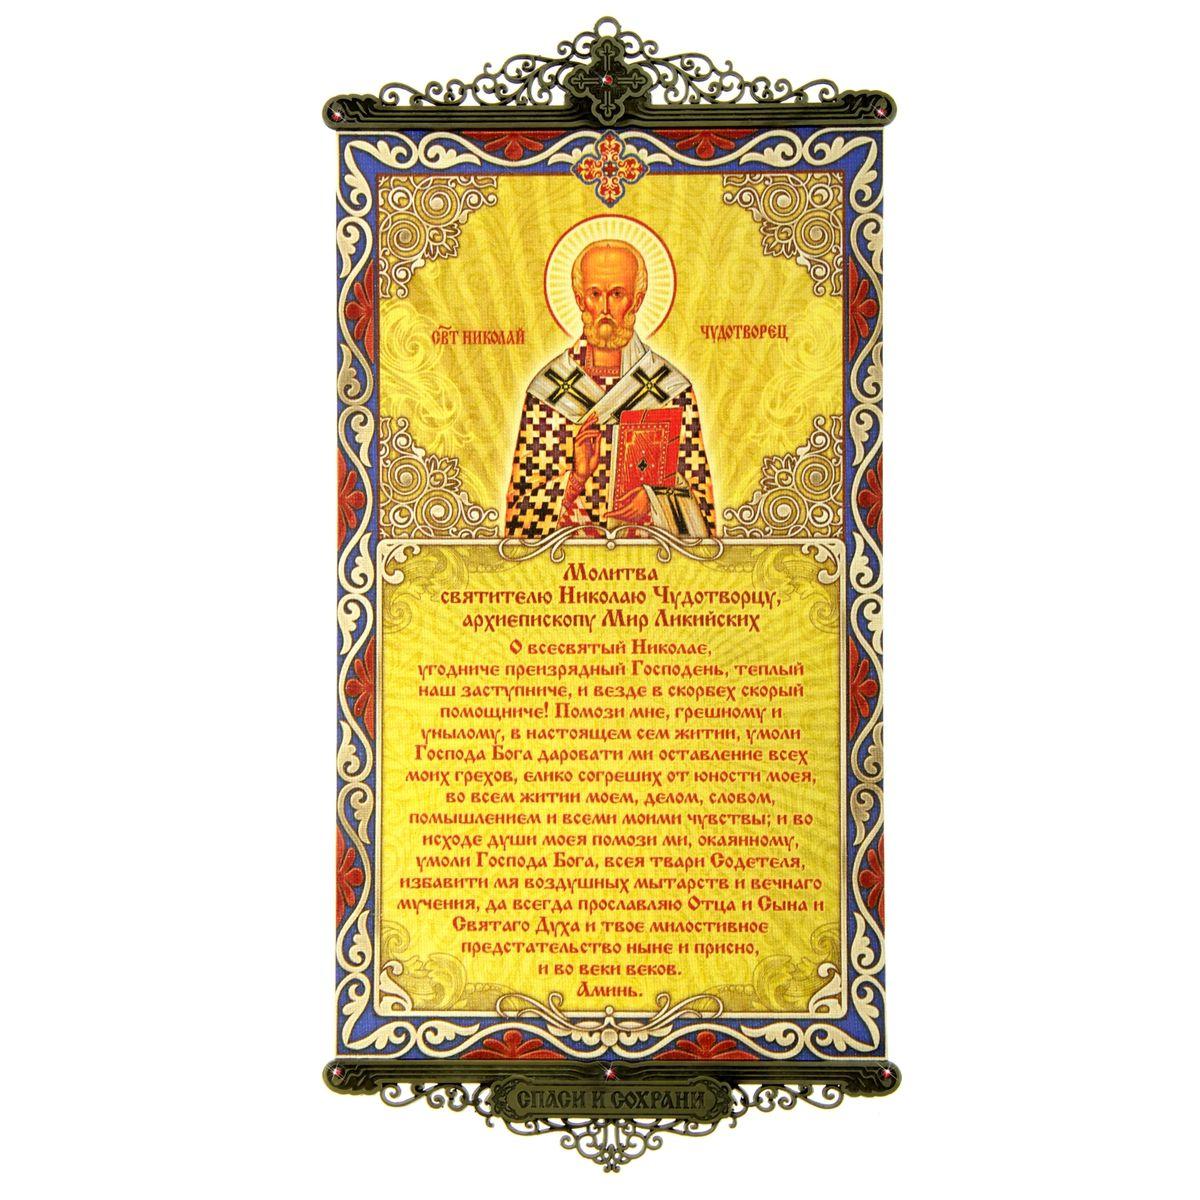 Икона с молитвой Молитва святителю Николаю Чудотворцу, на подвесах602832Икона с молитвой Молитва святителю Николаю Чудотворцу выполнена из плотного текстиля с нанесенным цветным рисунком, края декорированы ажурными металлическими вставками со стразами. Цветовая гамма и интерьер влияют на настроение каждого, именно поэтому так важны детали, которые нас окружают. Знатоки интерьерных решений стараются применять самые разнообразные решения при художественном оформлении внутреннего пространства и использовать все возможные материалы. Икона с молитвой на подвесах - это хорошее решение для интерьера по выгодной цене!